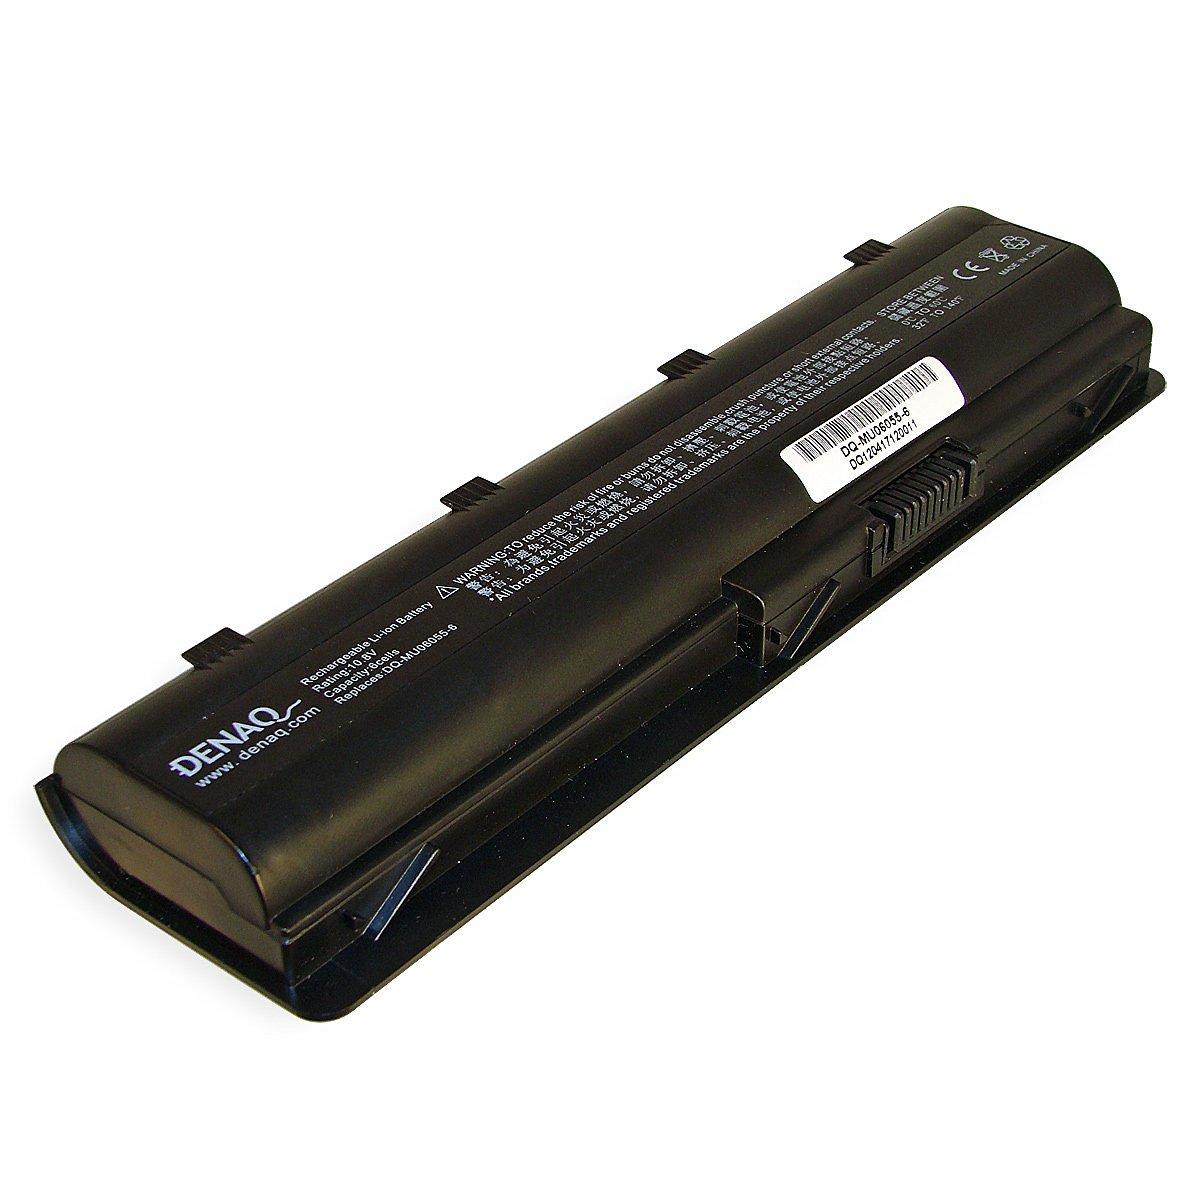 DENAQ 6-Cell 56/Whr/5200mAh Li-Ion Laptop Battery for HP/Compaq PAVILION DV7 Series, HP Envy 17, COMPAQ PRESARIO CQ32, COMPAQ PRESARIO CQ42, COMPAQ PRESARIO CQ62, HP G42-100, HP G62-100, HP G72-100; Part#: DQ-MU06055-6